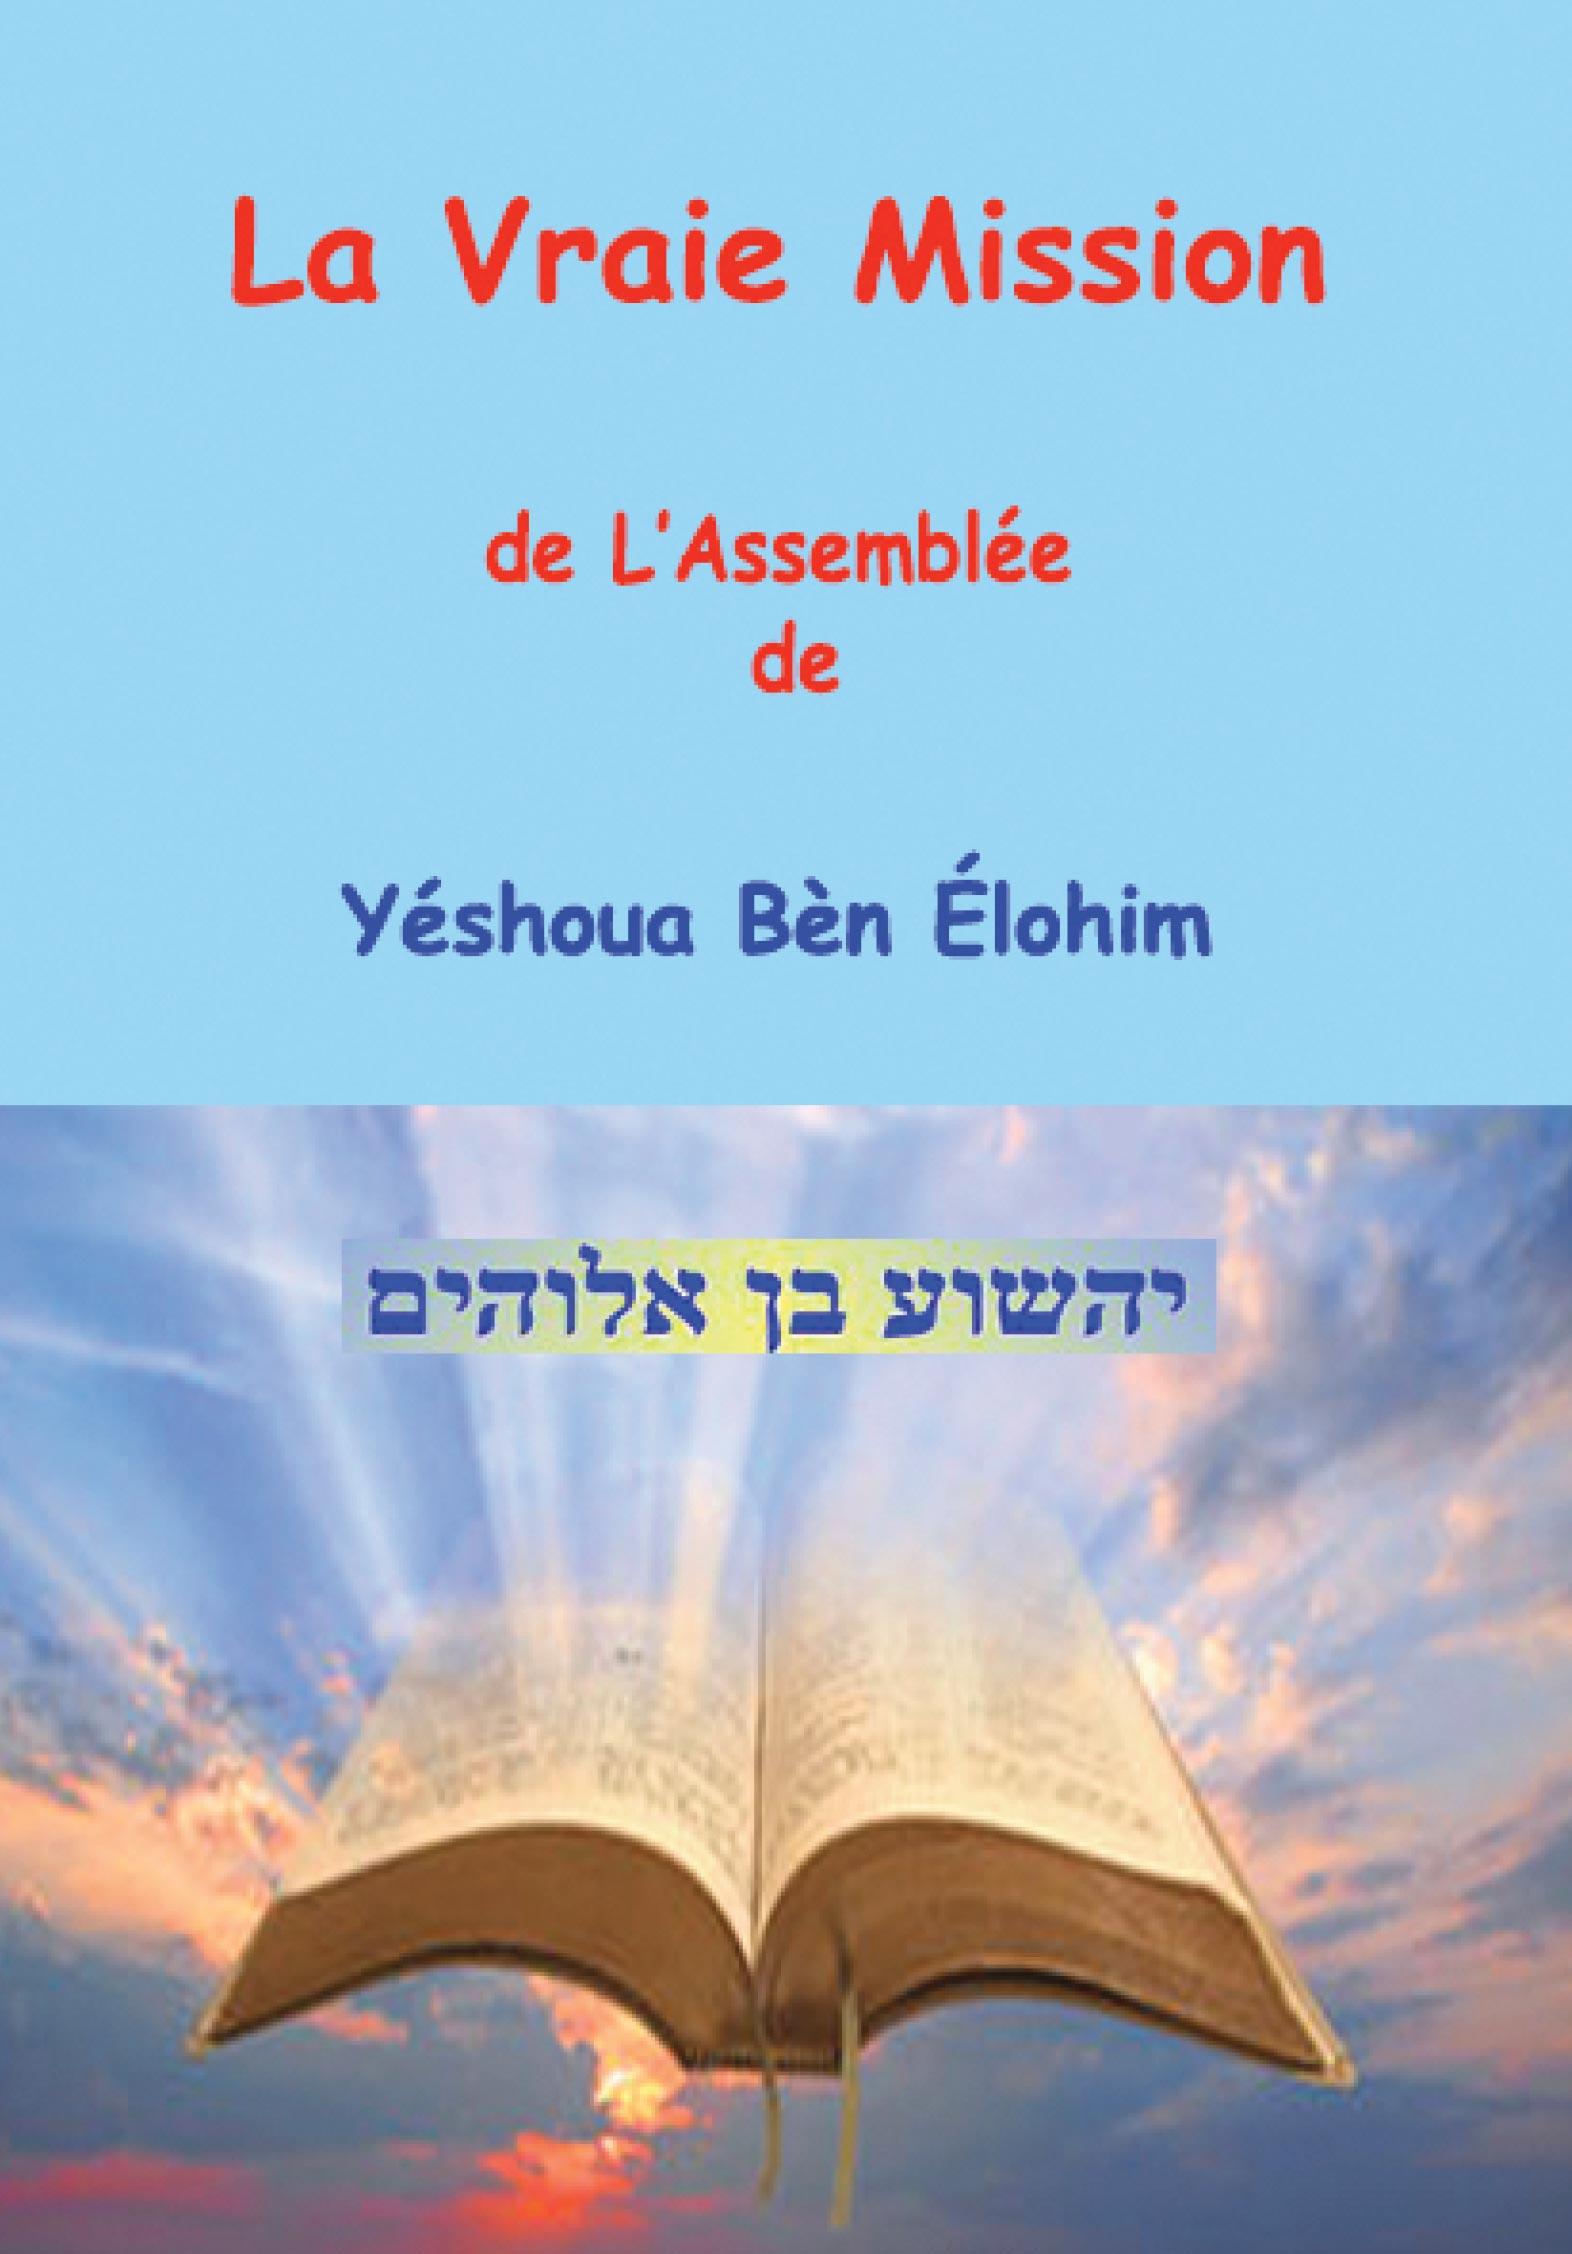 La Mission de l'Assemblée de Yéshoua Bèn Élohim